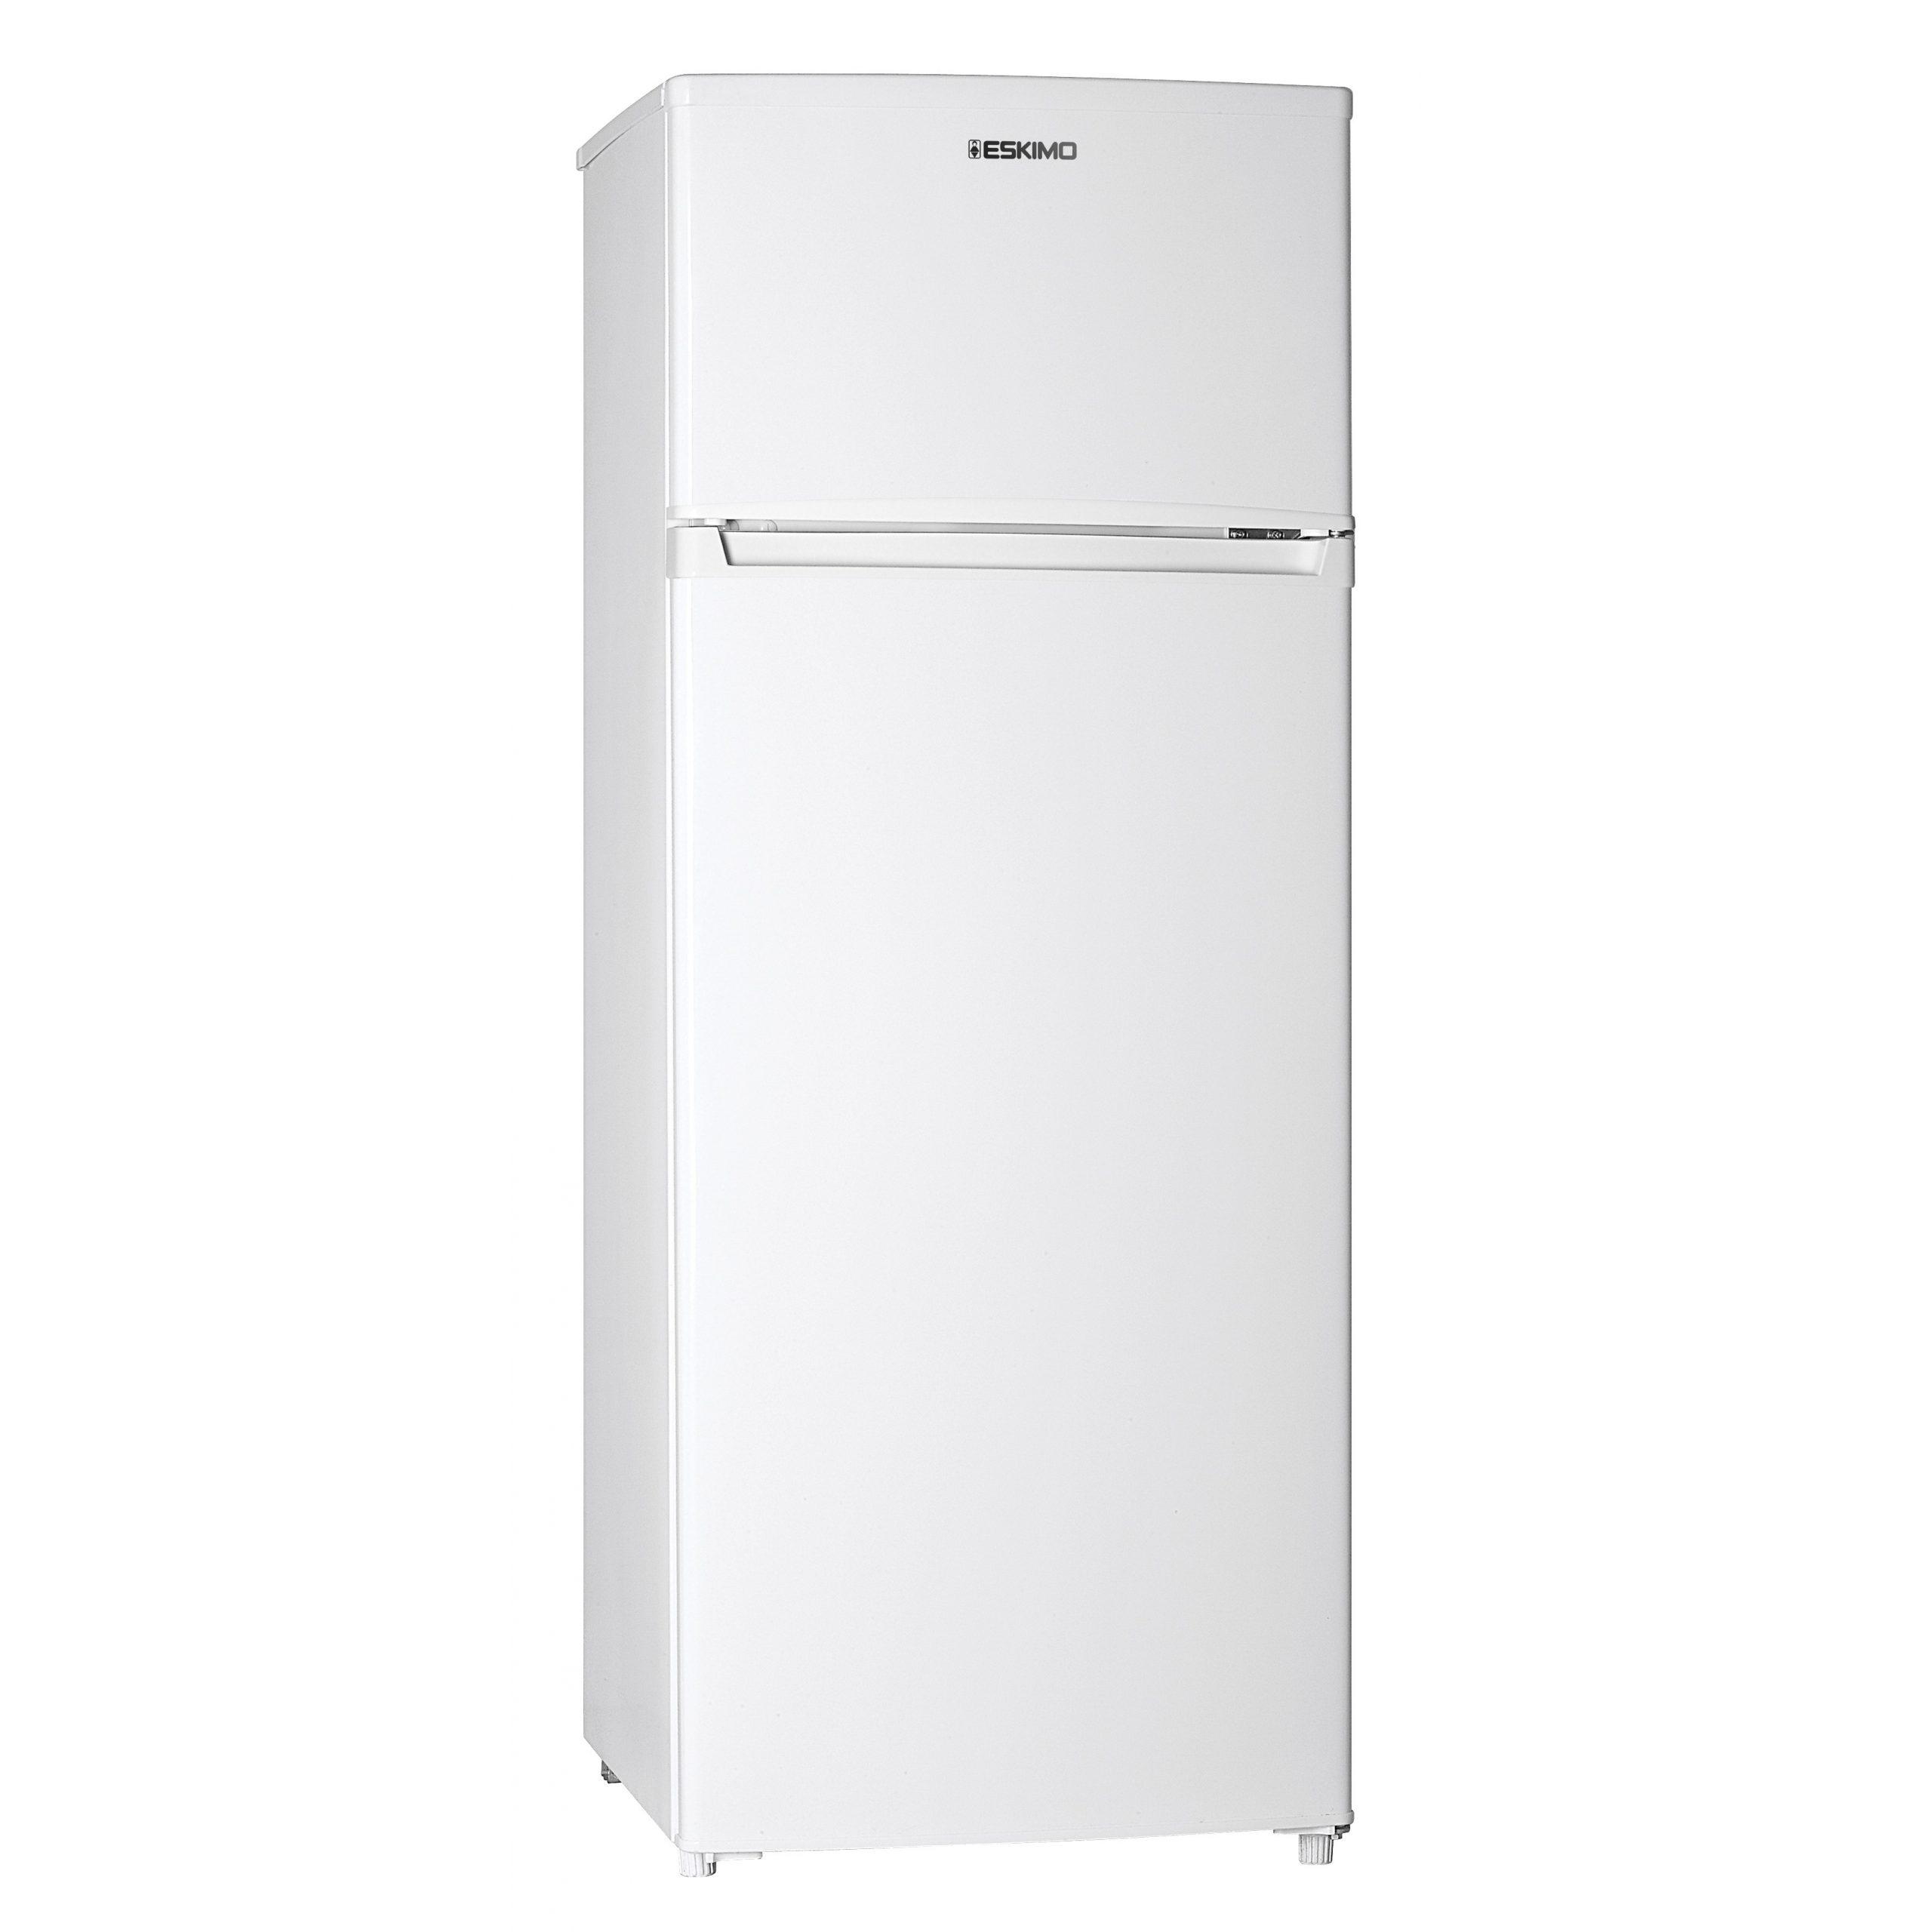 Eskimo Δίπορτο Ψυγείο ES 8214 W